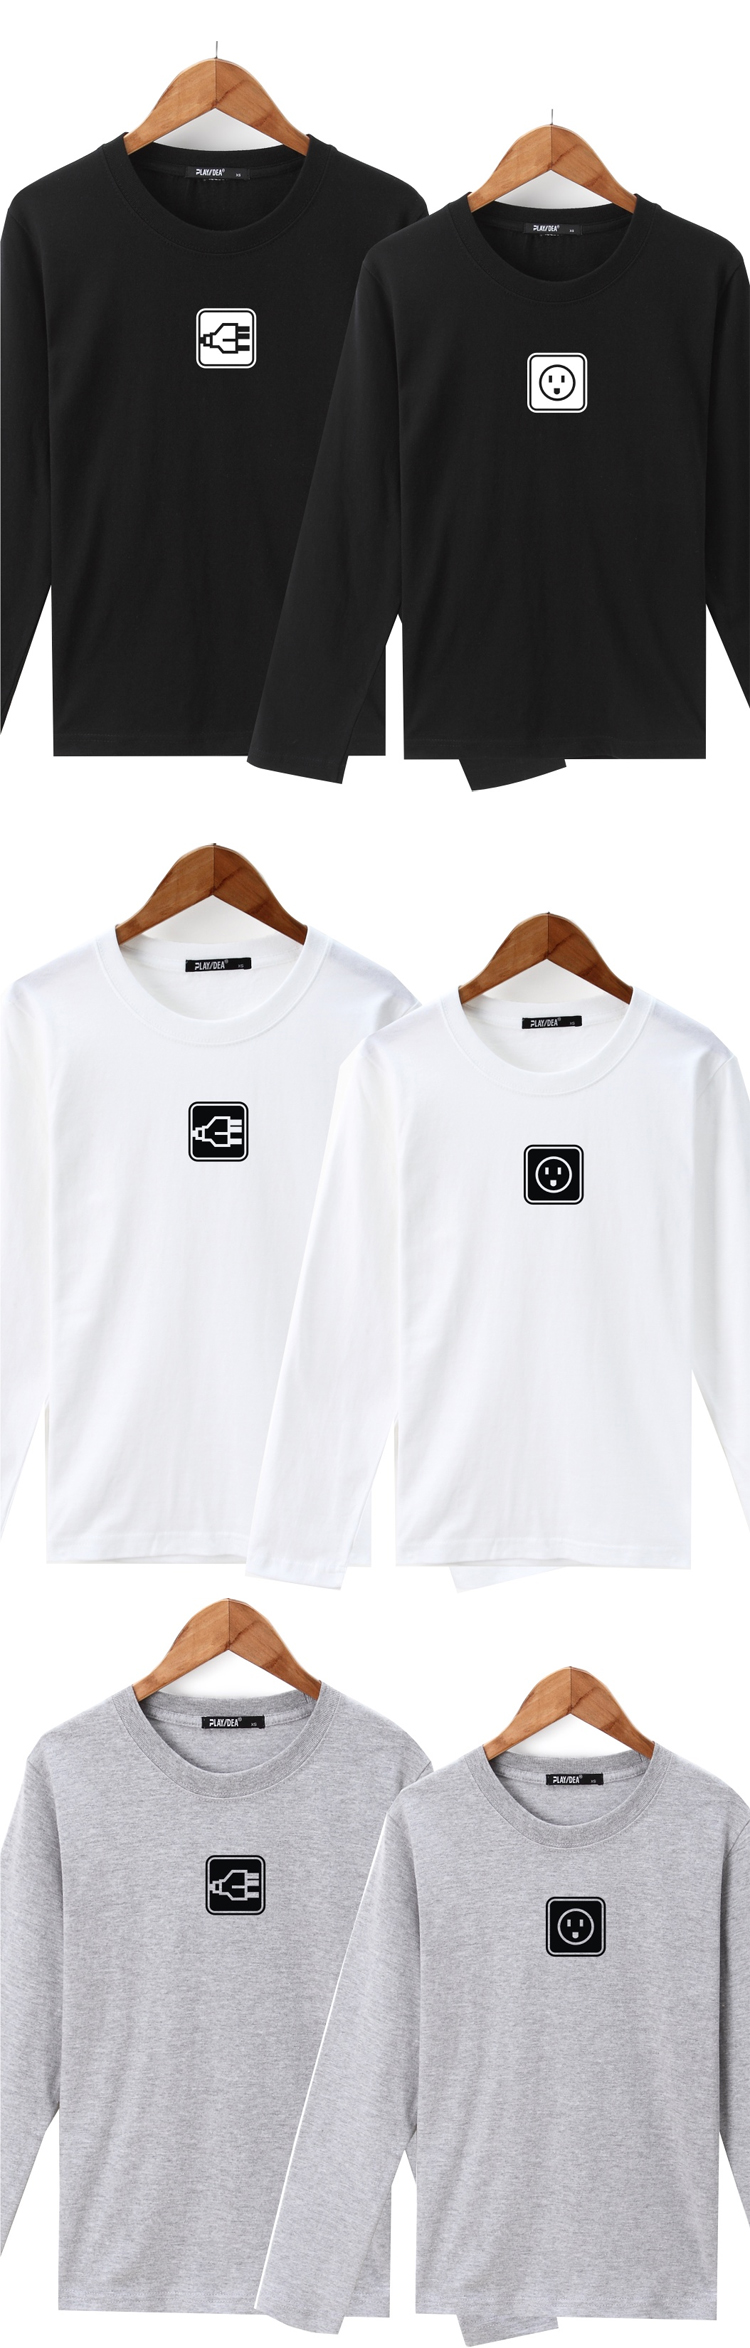 ◆快速出貨◆長袖T恤.情侶裝.班服.MIT台灣製.獨家配對情侶裝.客製化.純棉長T.簡約小圖 插頭與插座【YL0470】可單買.艾咪E舖